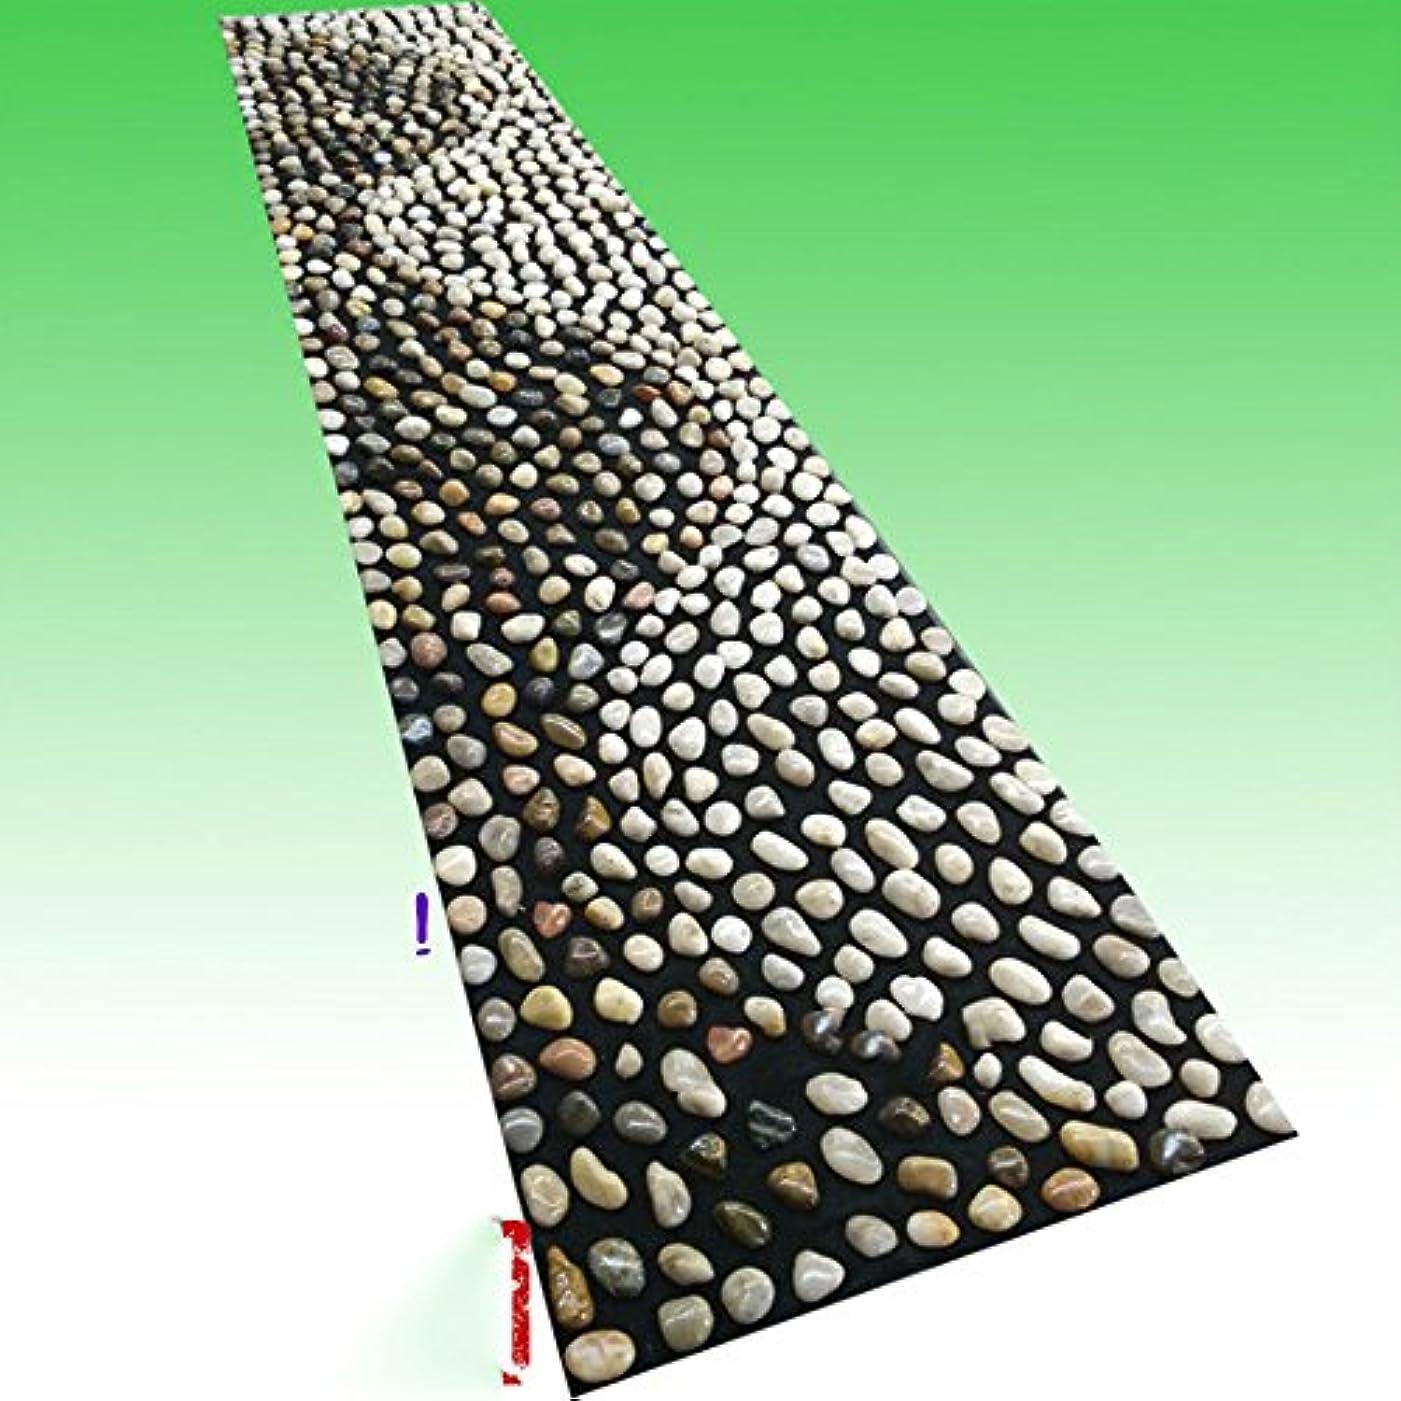 びっくりした企業ステップ足つぼ マット マッサージシート マッサージ 足裏 健康 ツボ刺激 折りたたみ ウォーキングマット 足裏マット 本物の健康 フットマッサージ 足のマッサージパッド 模造石畳の歩道